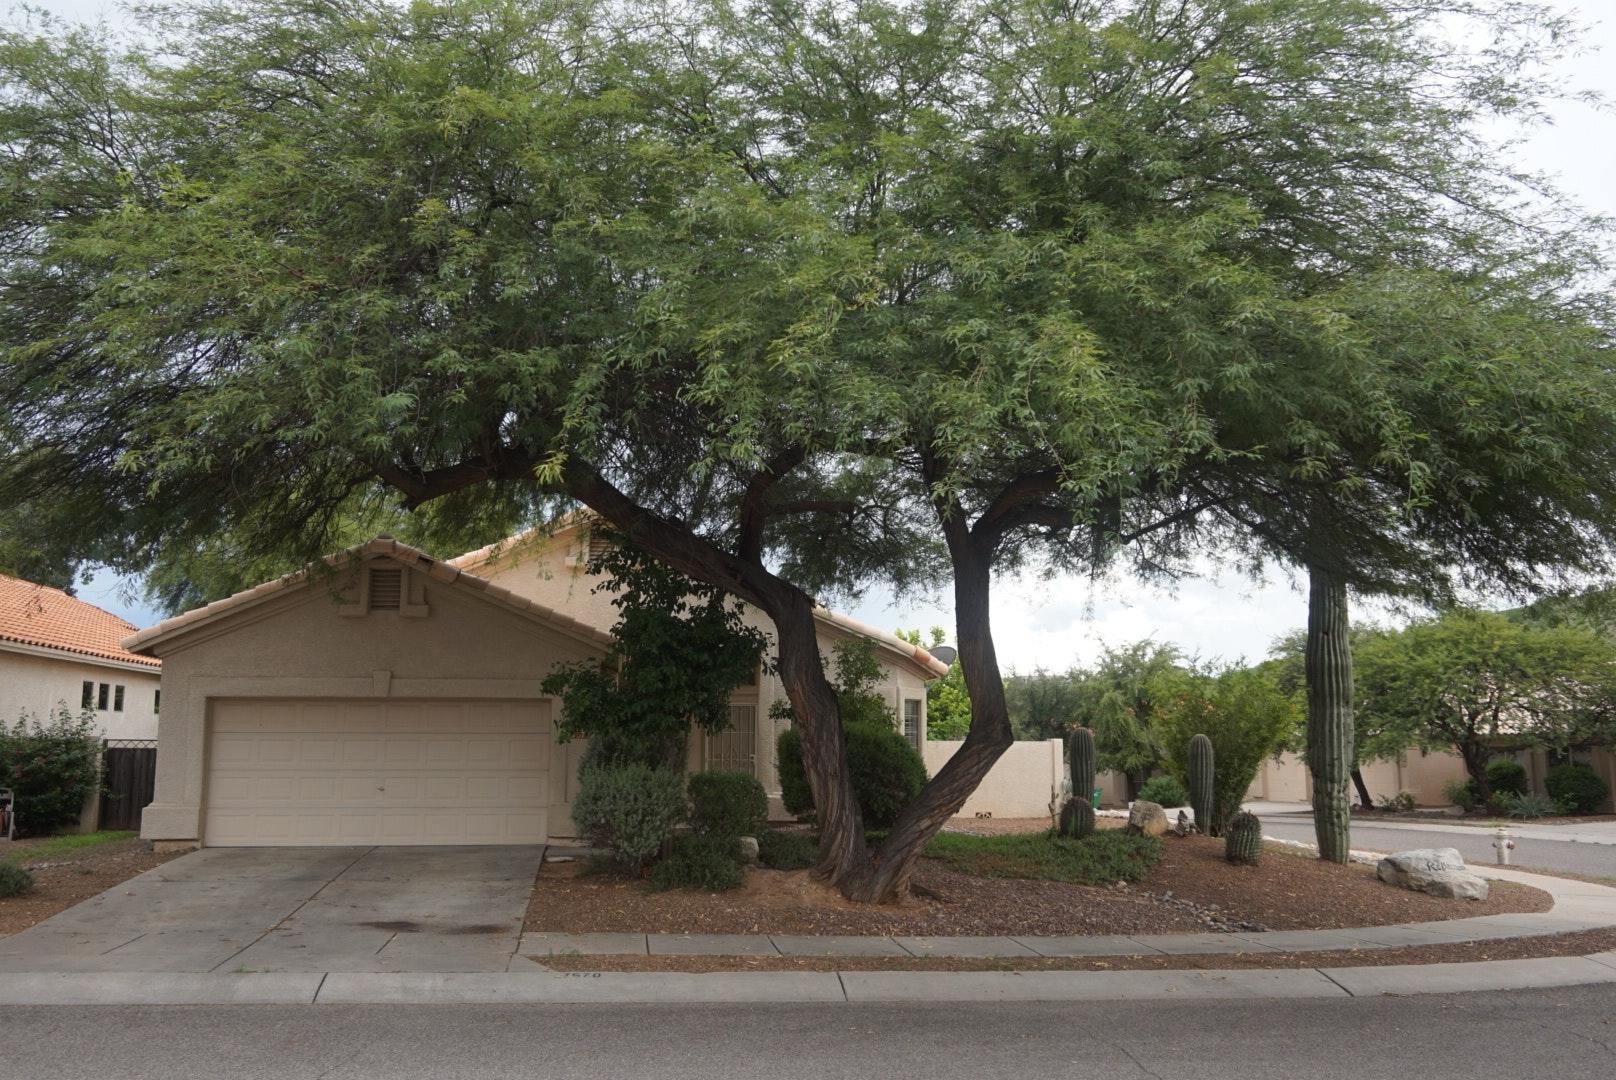 7570 E Ventana Vista Ct For Rent - Tucson, AZ | Trulia